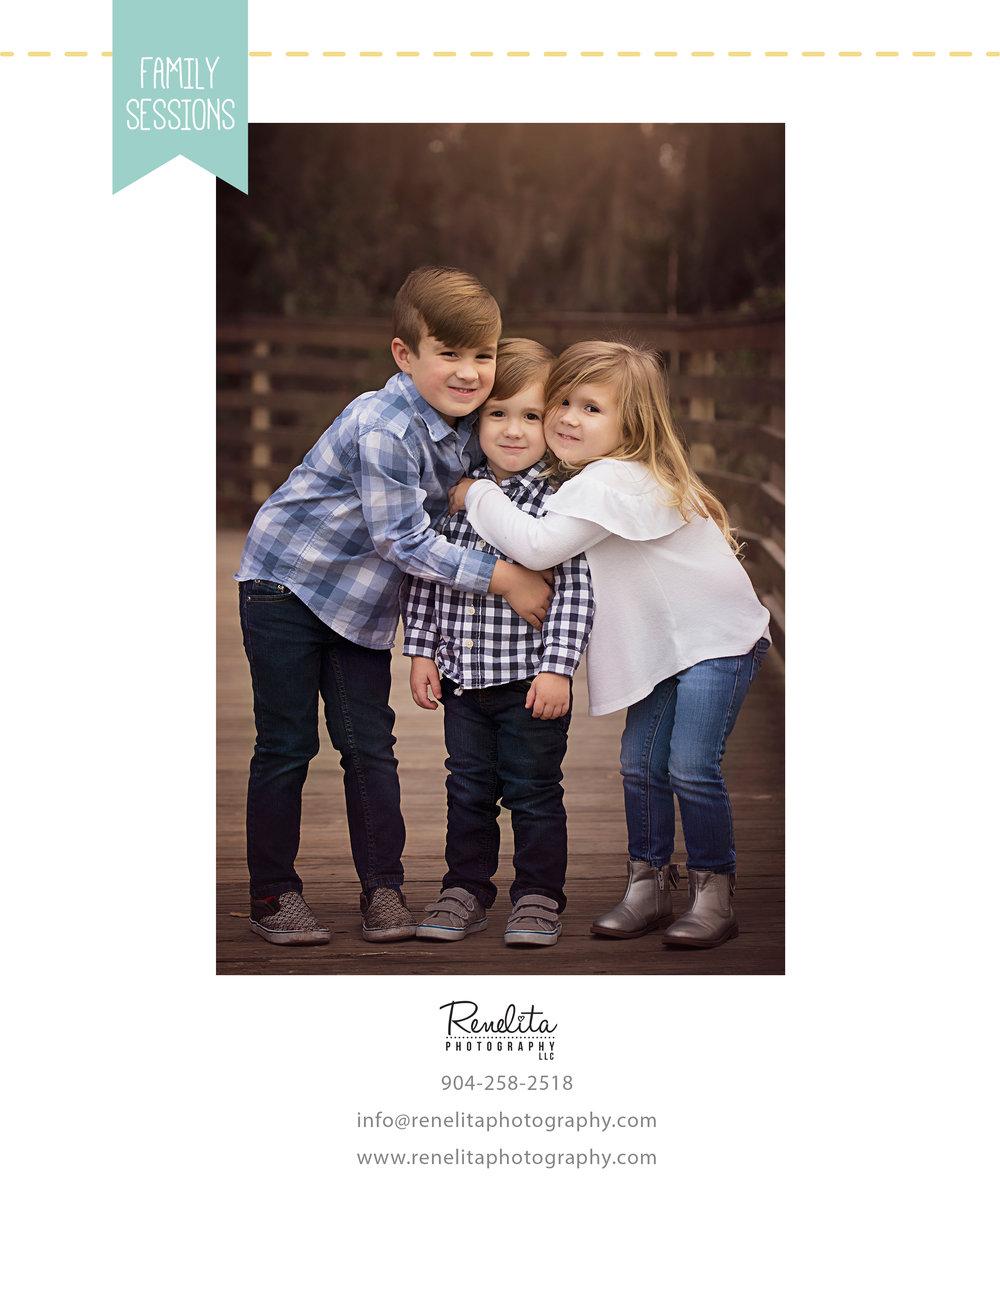 Family Sessions 06.jpg